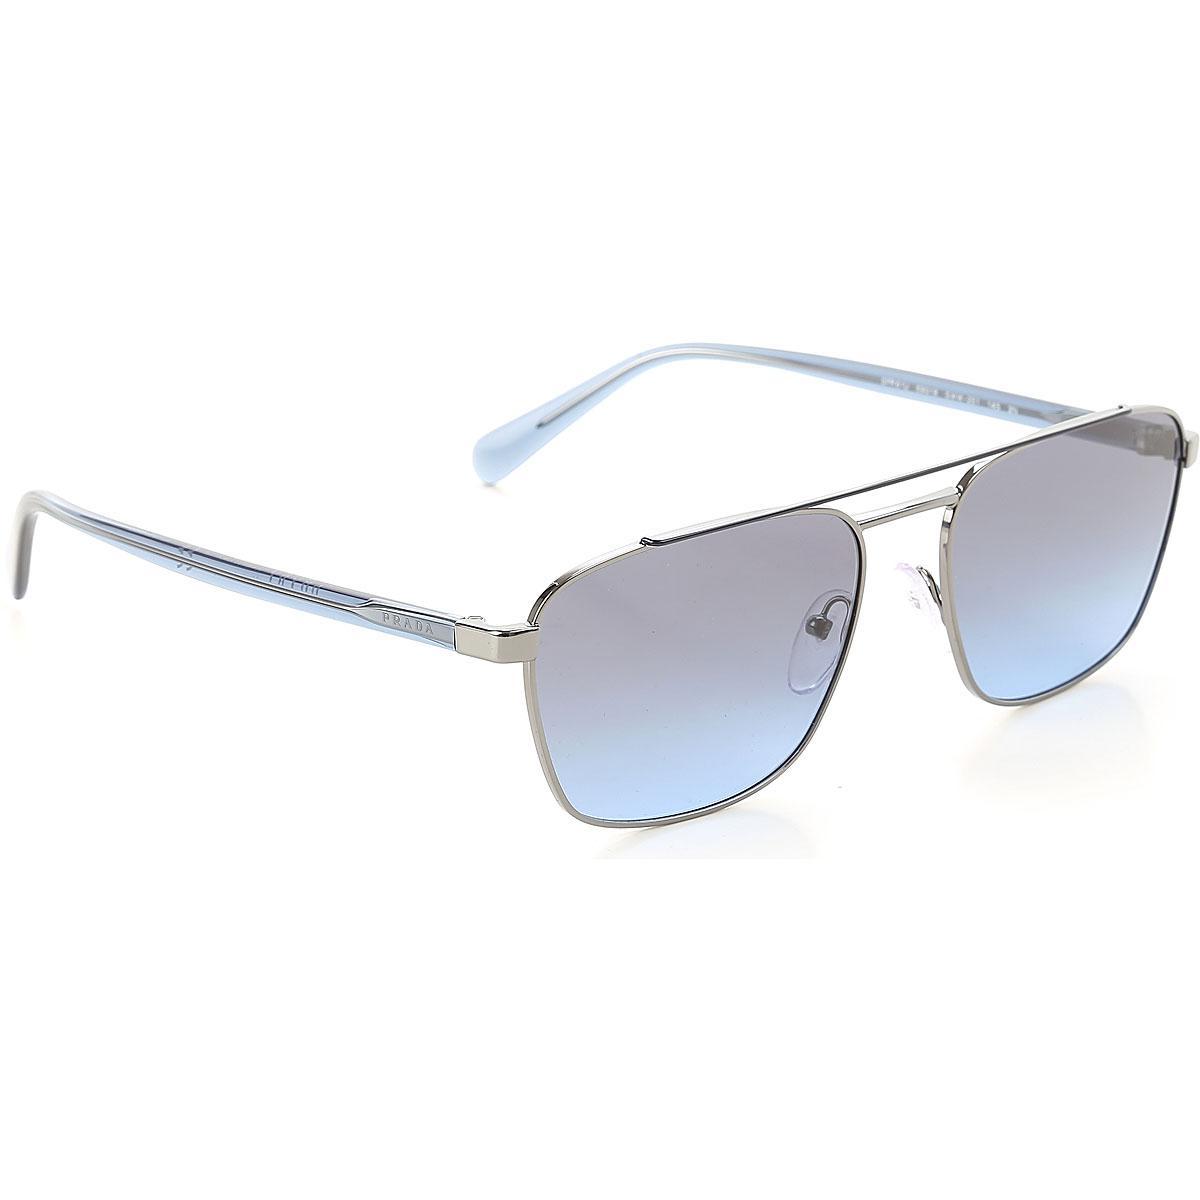 a0fefced28 Prada - Metallic Gafas de Sol Baratos en Rebajas - Lyst. Ver en pantalla  completa